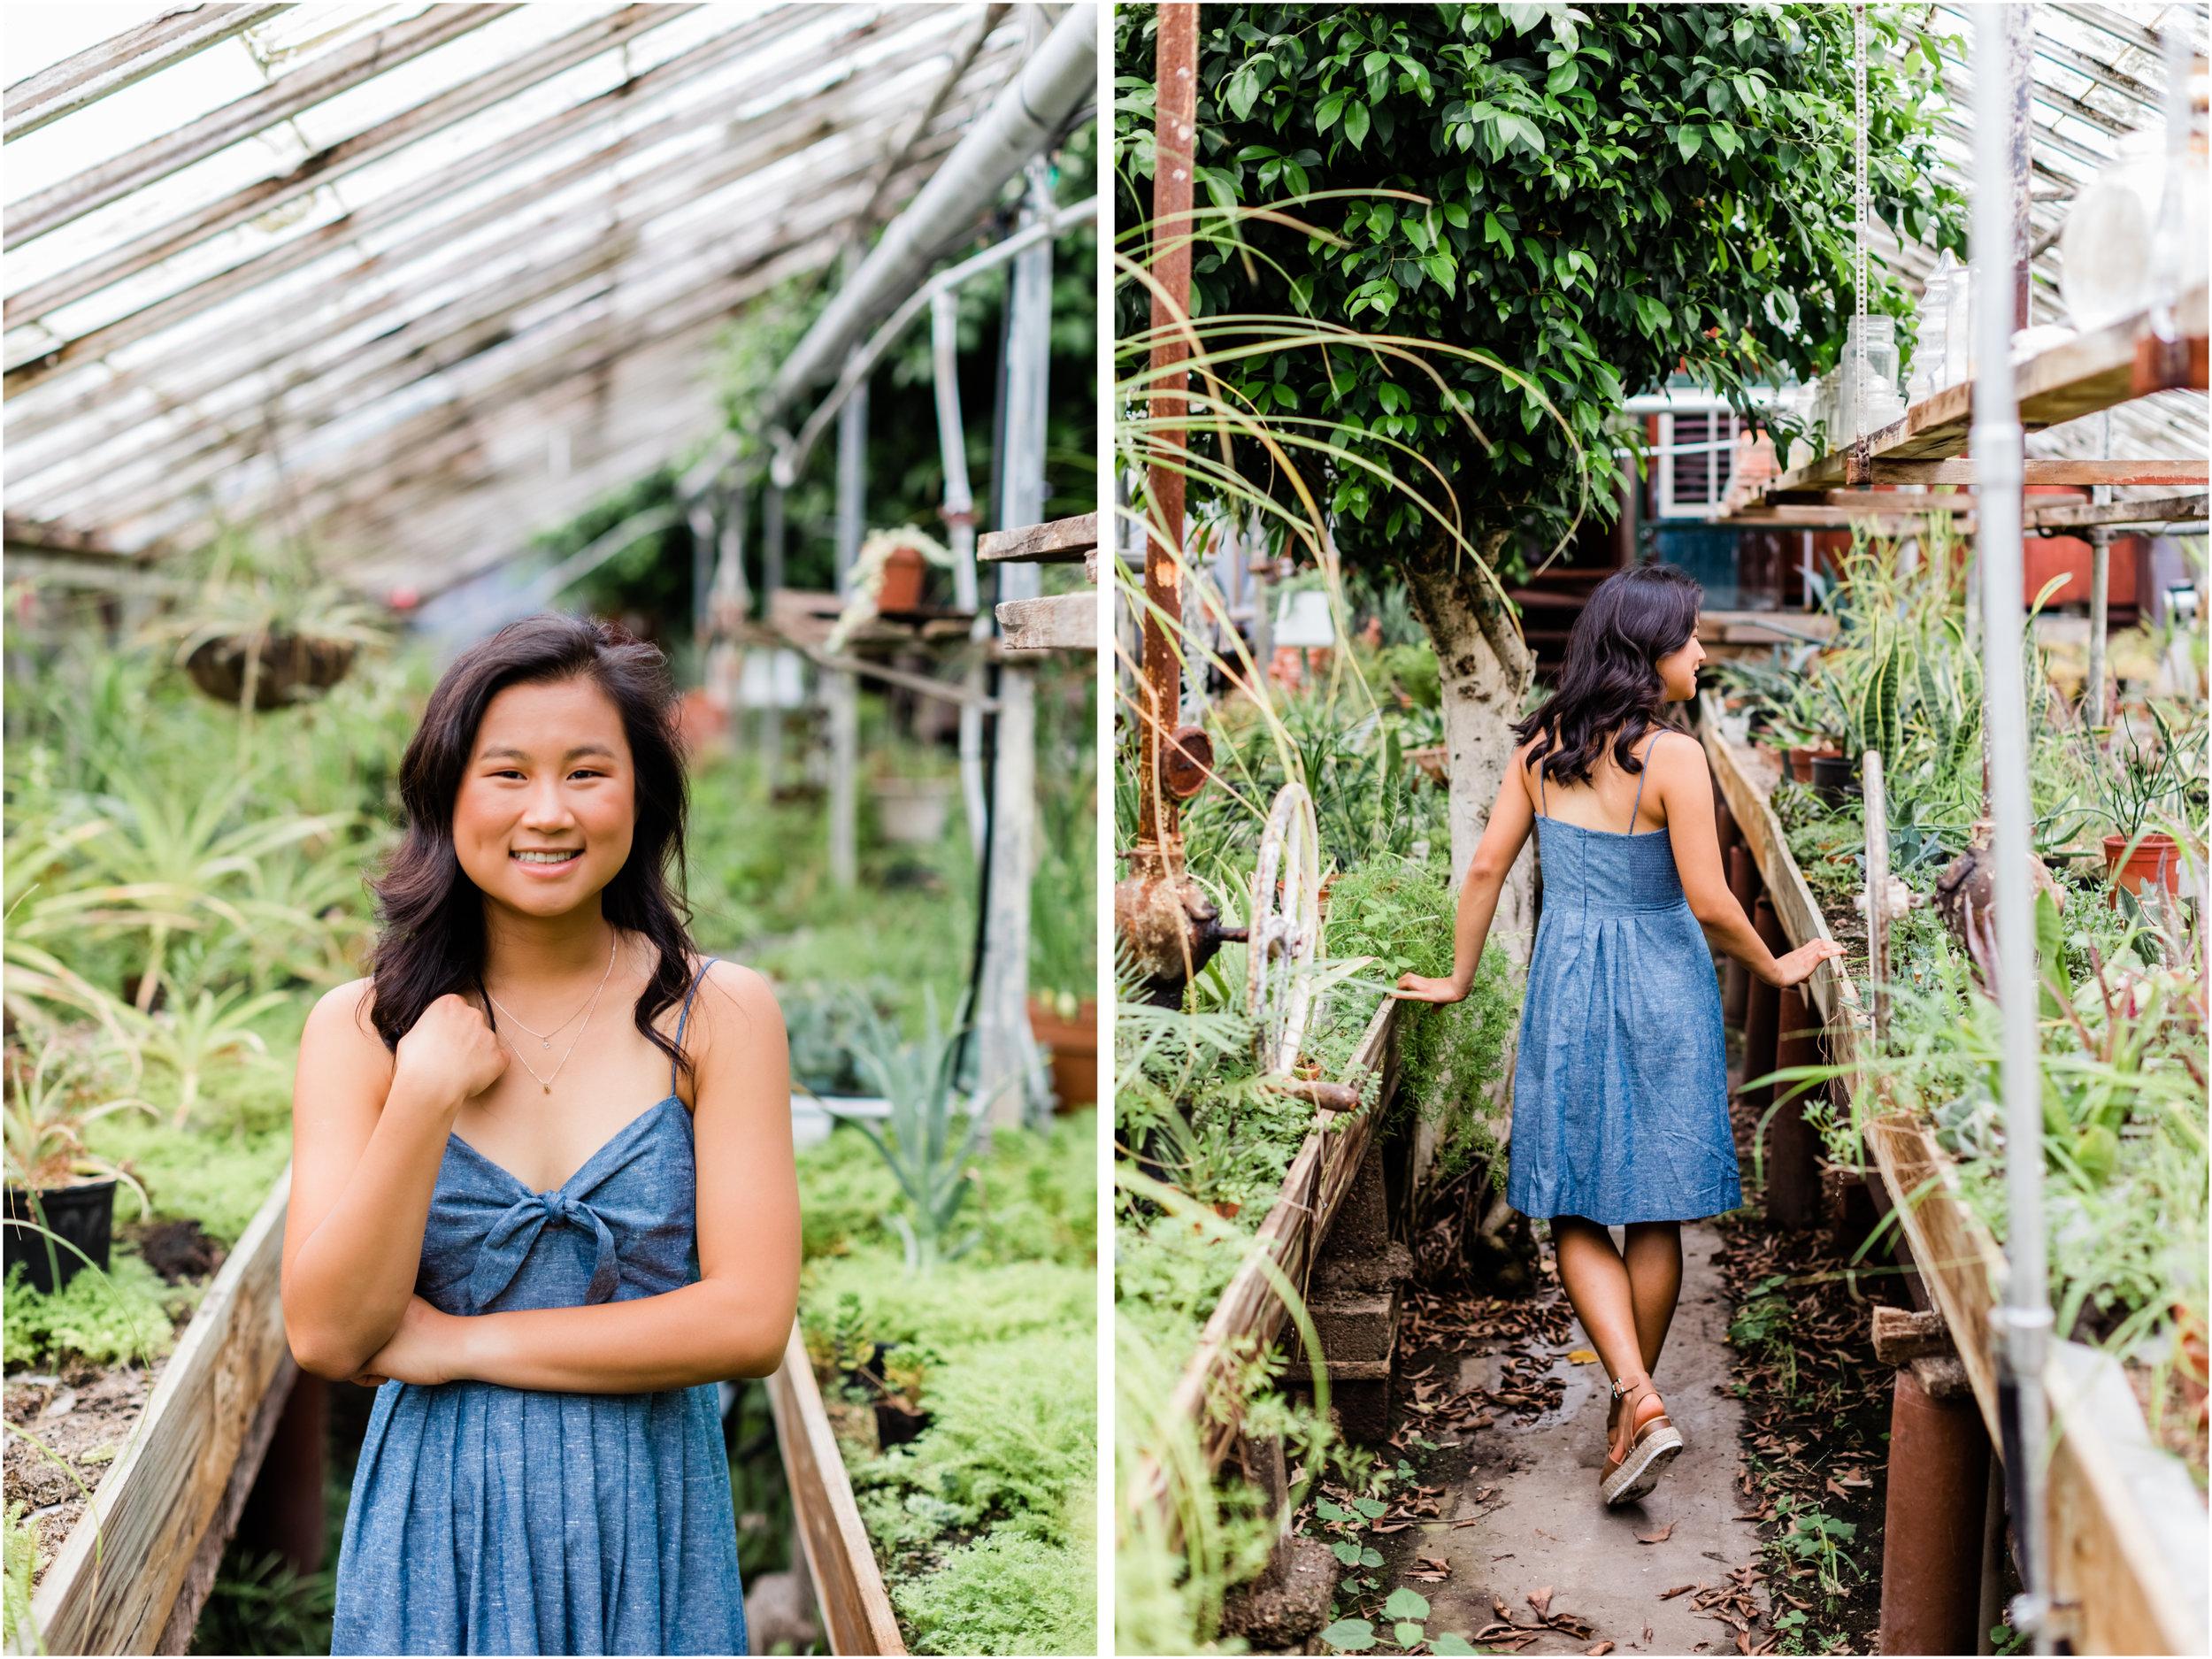 kansas city greenhouse senior photos 11.jpg